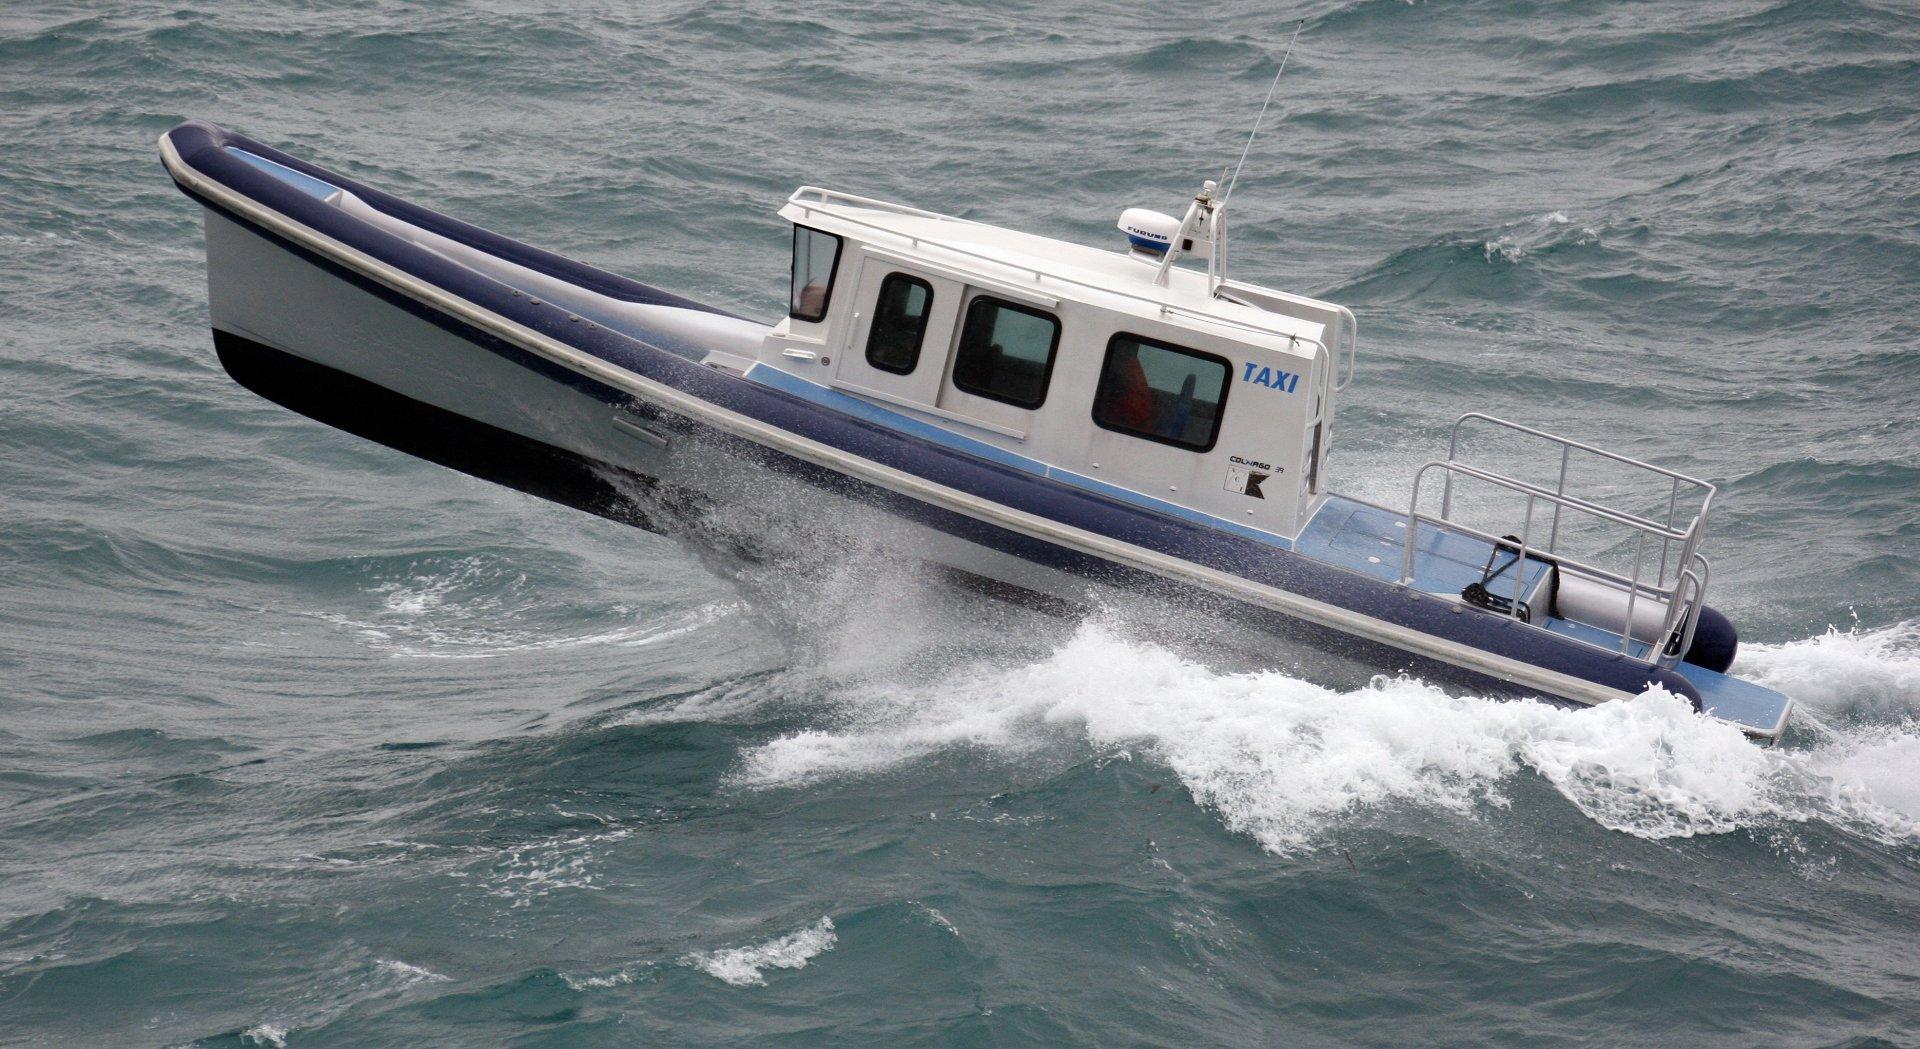 Colnago 39 - Colnago Marine